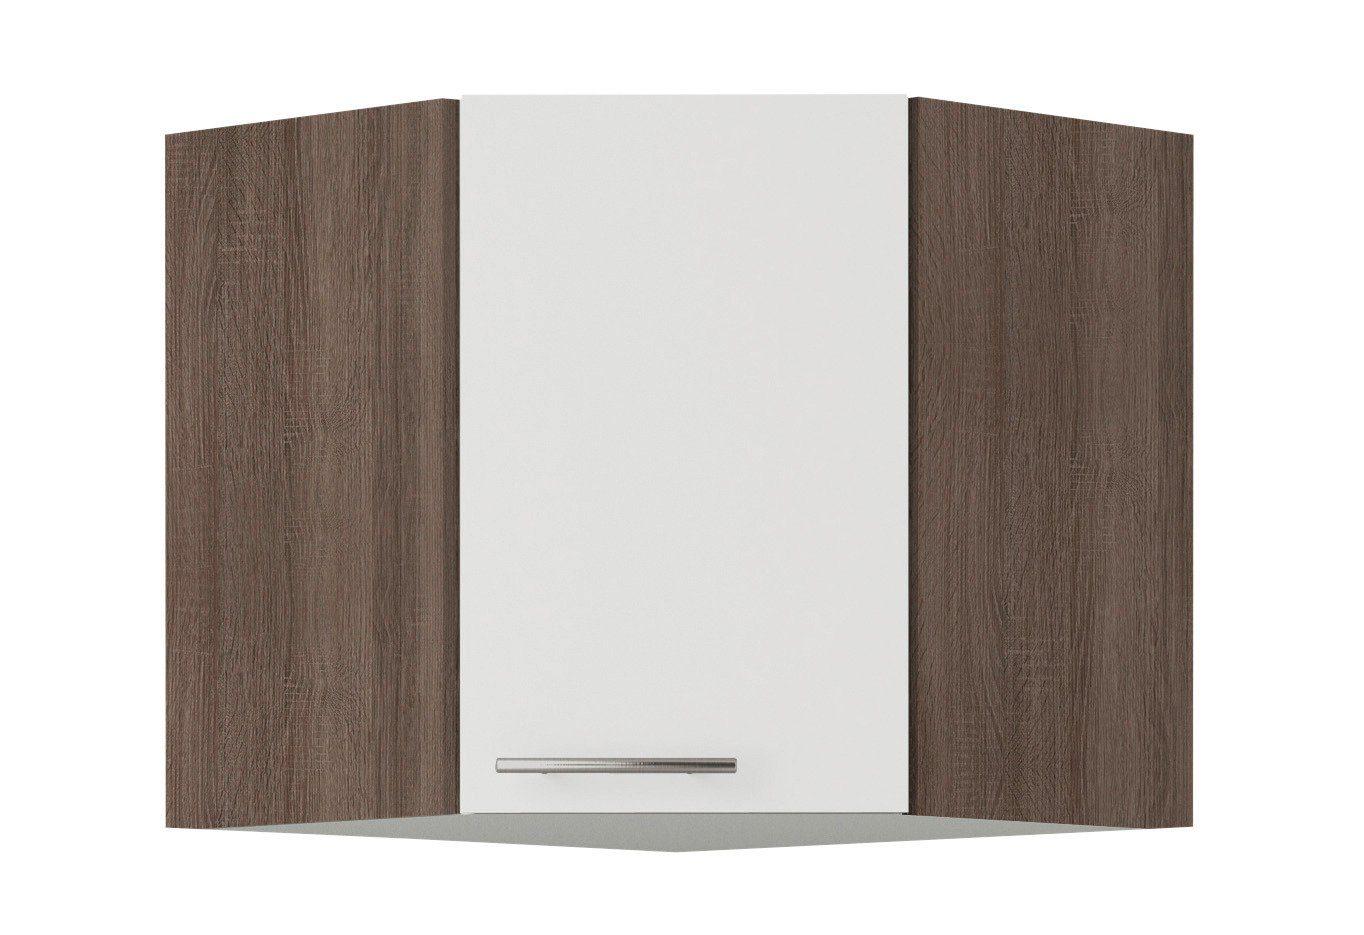 Eck-Hängeschrank »Rabat«, Breite 60 x 60 cm